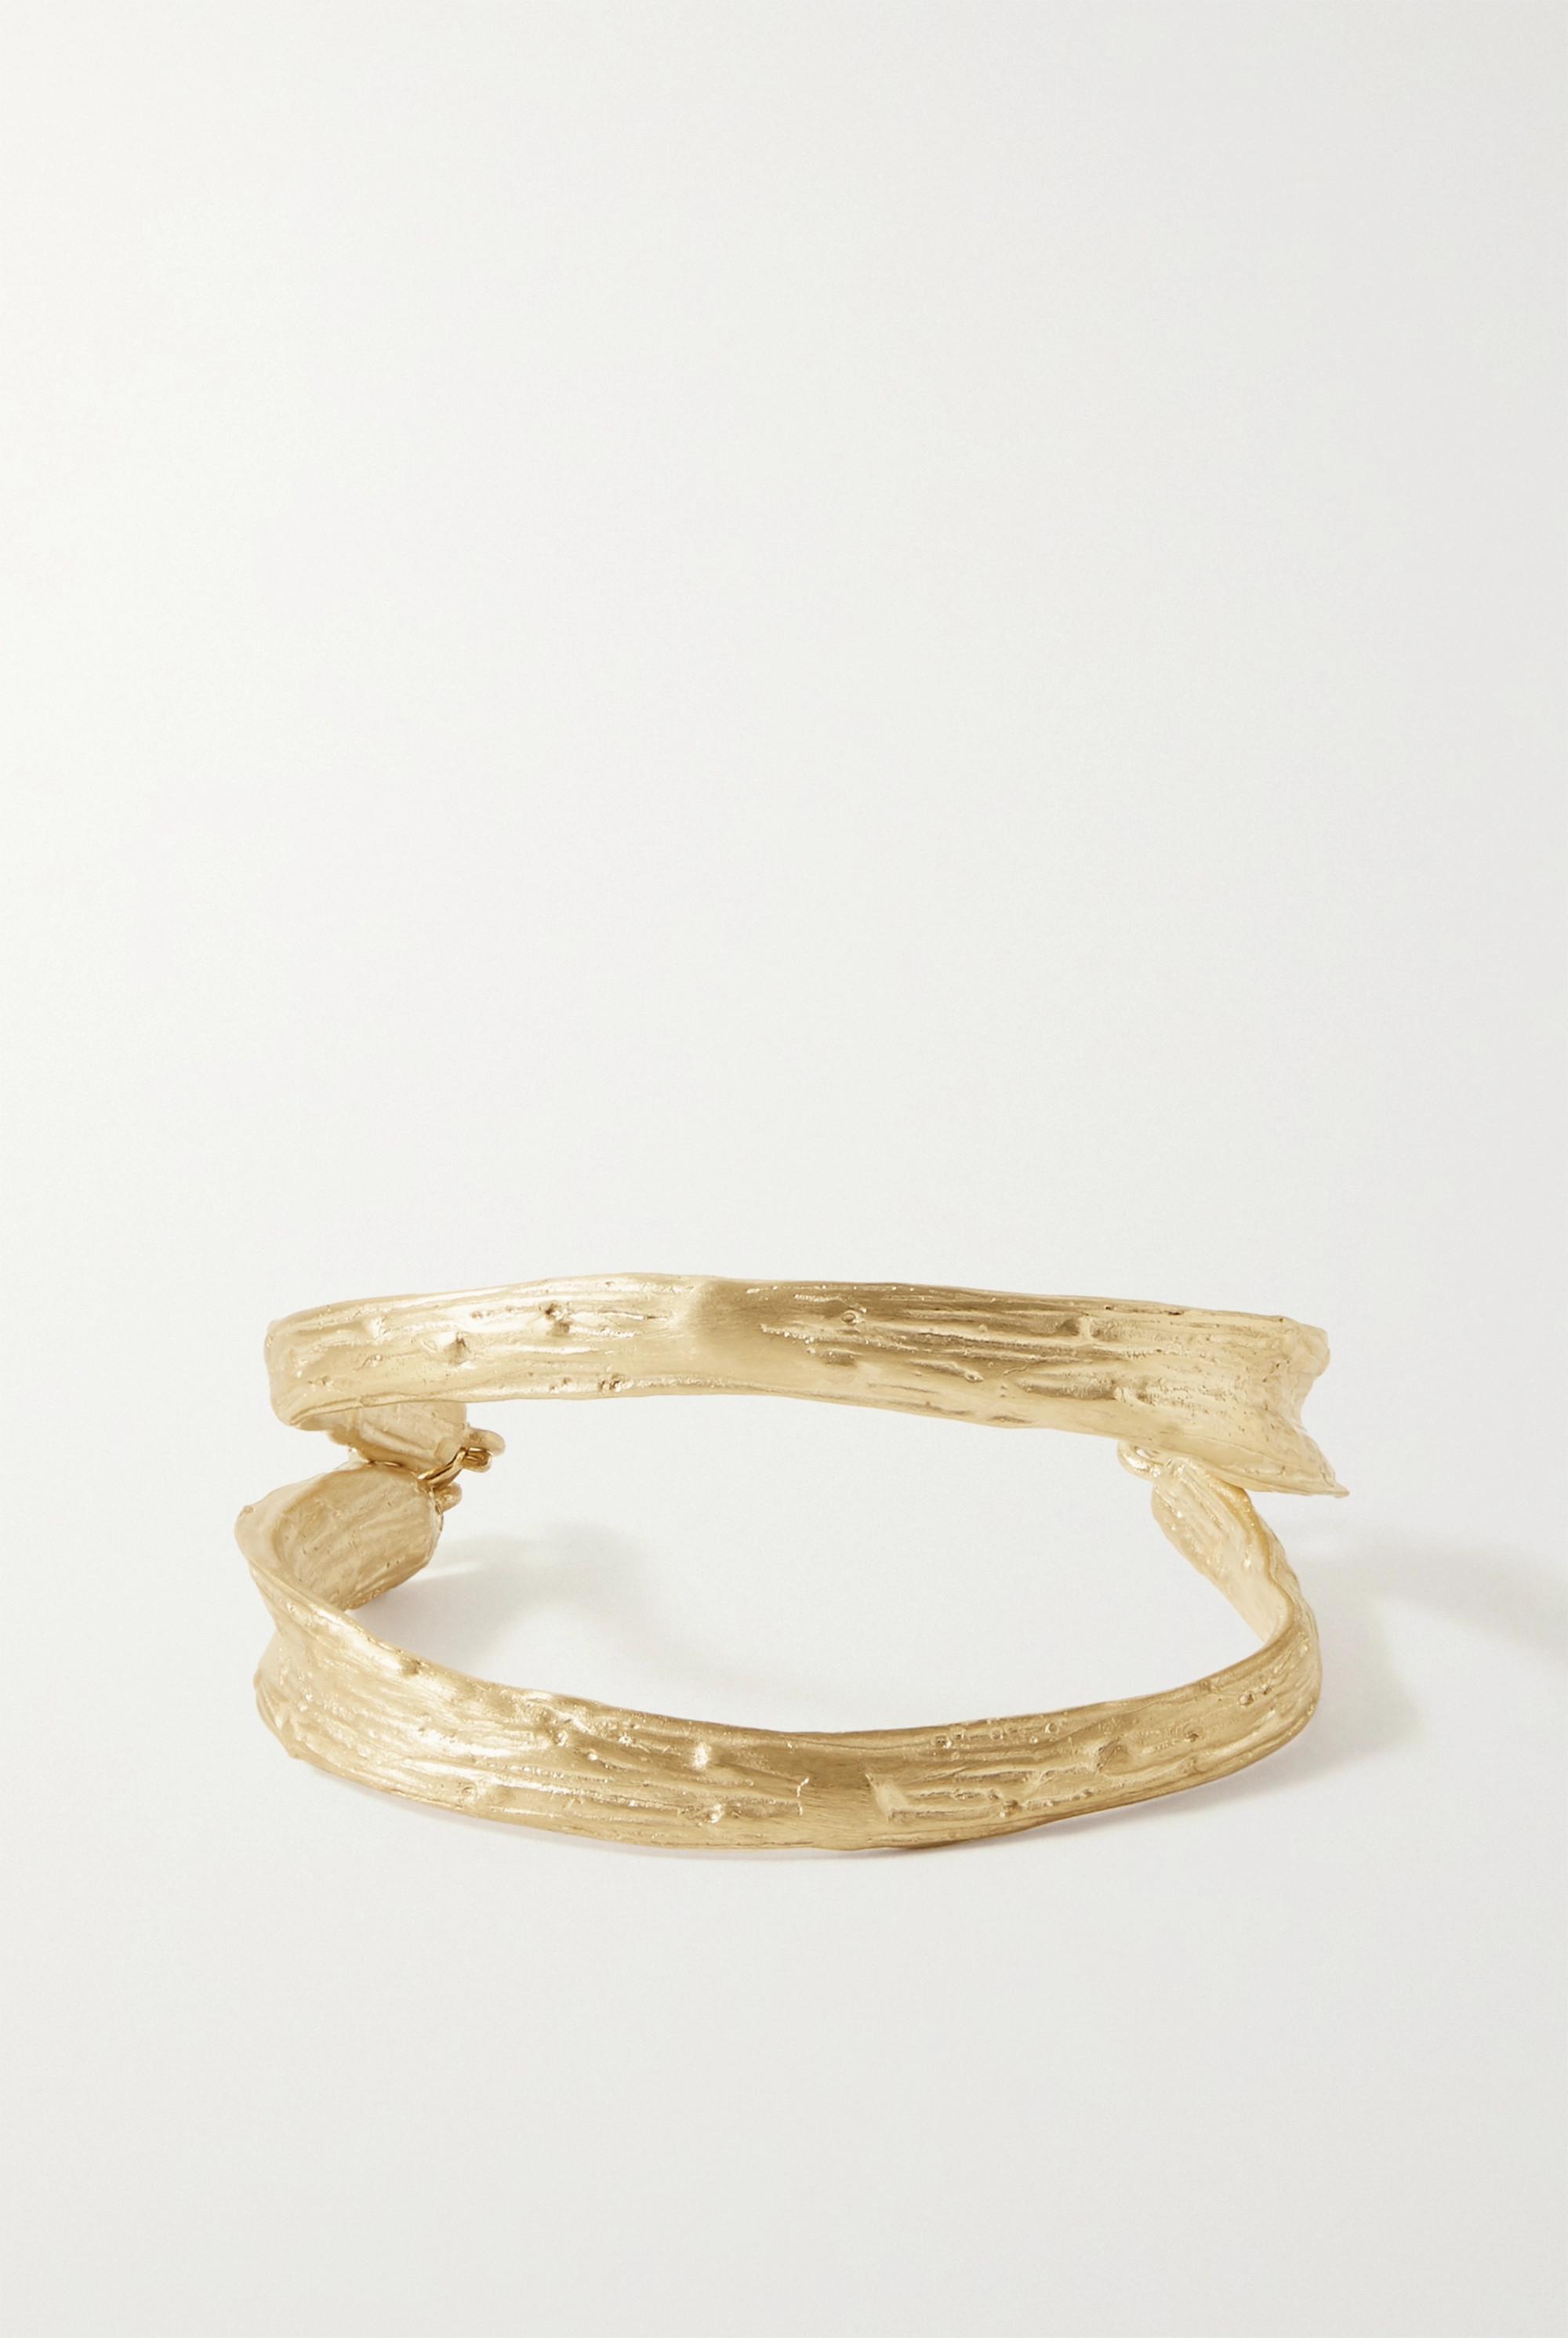 1064 Studio Deep in Grassland gold-plated bracelet